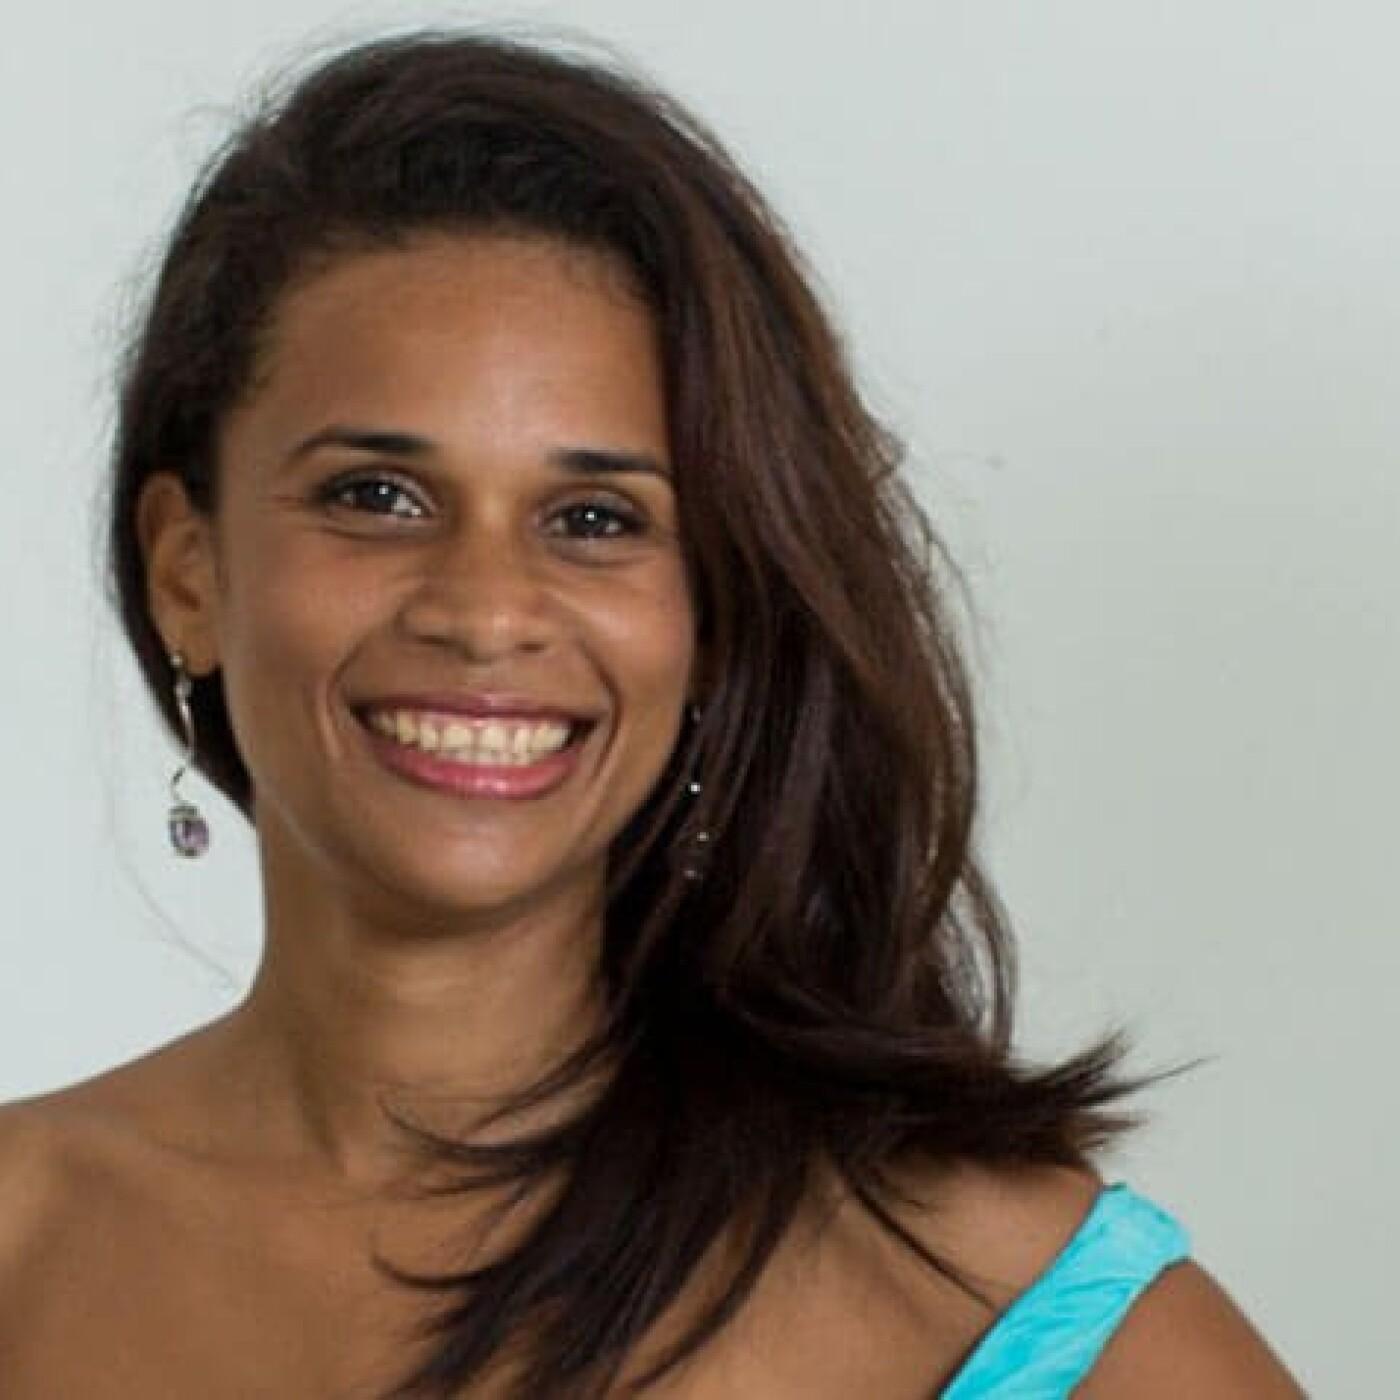 Cécile,  Fondatrice de Sevea Consulting, Lauréate du Trophée Entrepreneur - 23 06 2021 - StereoChic Radio